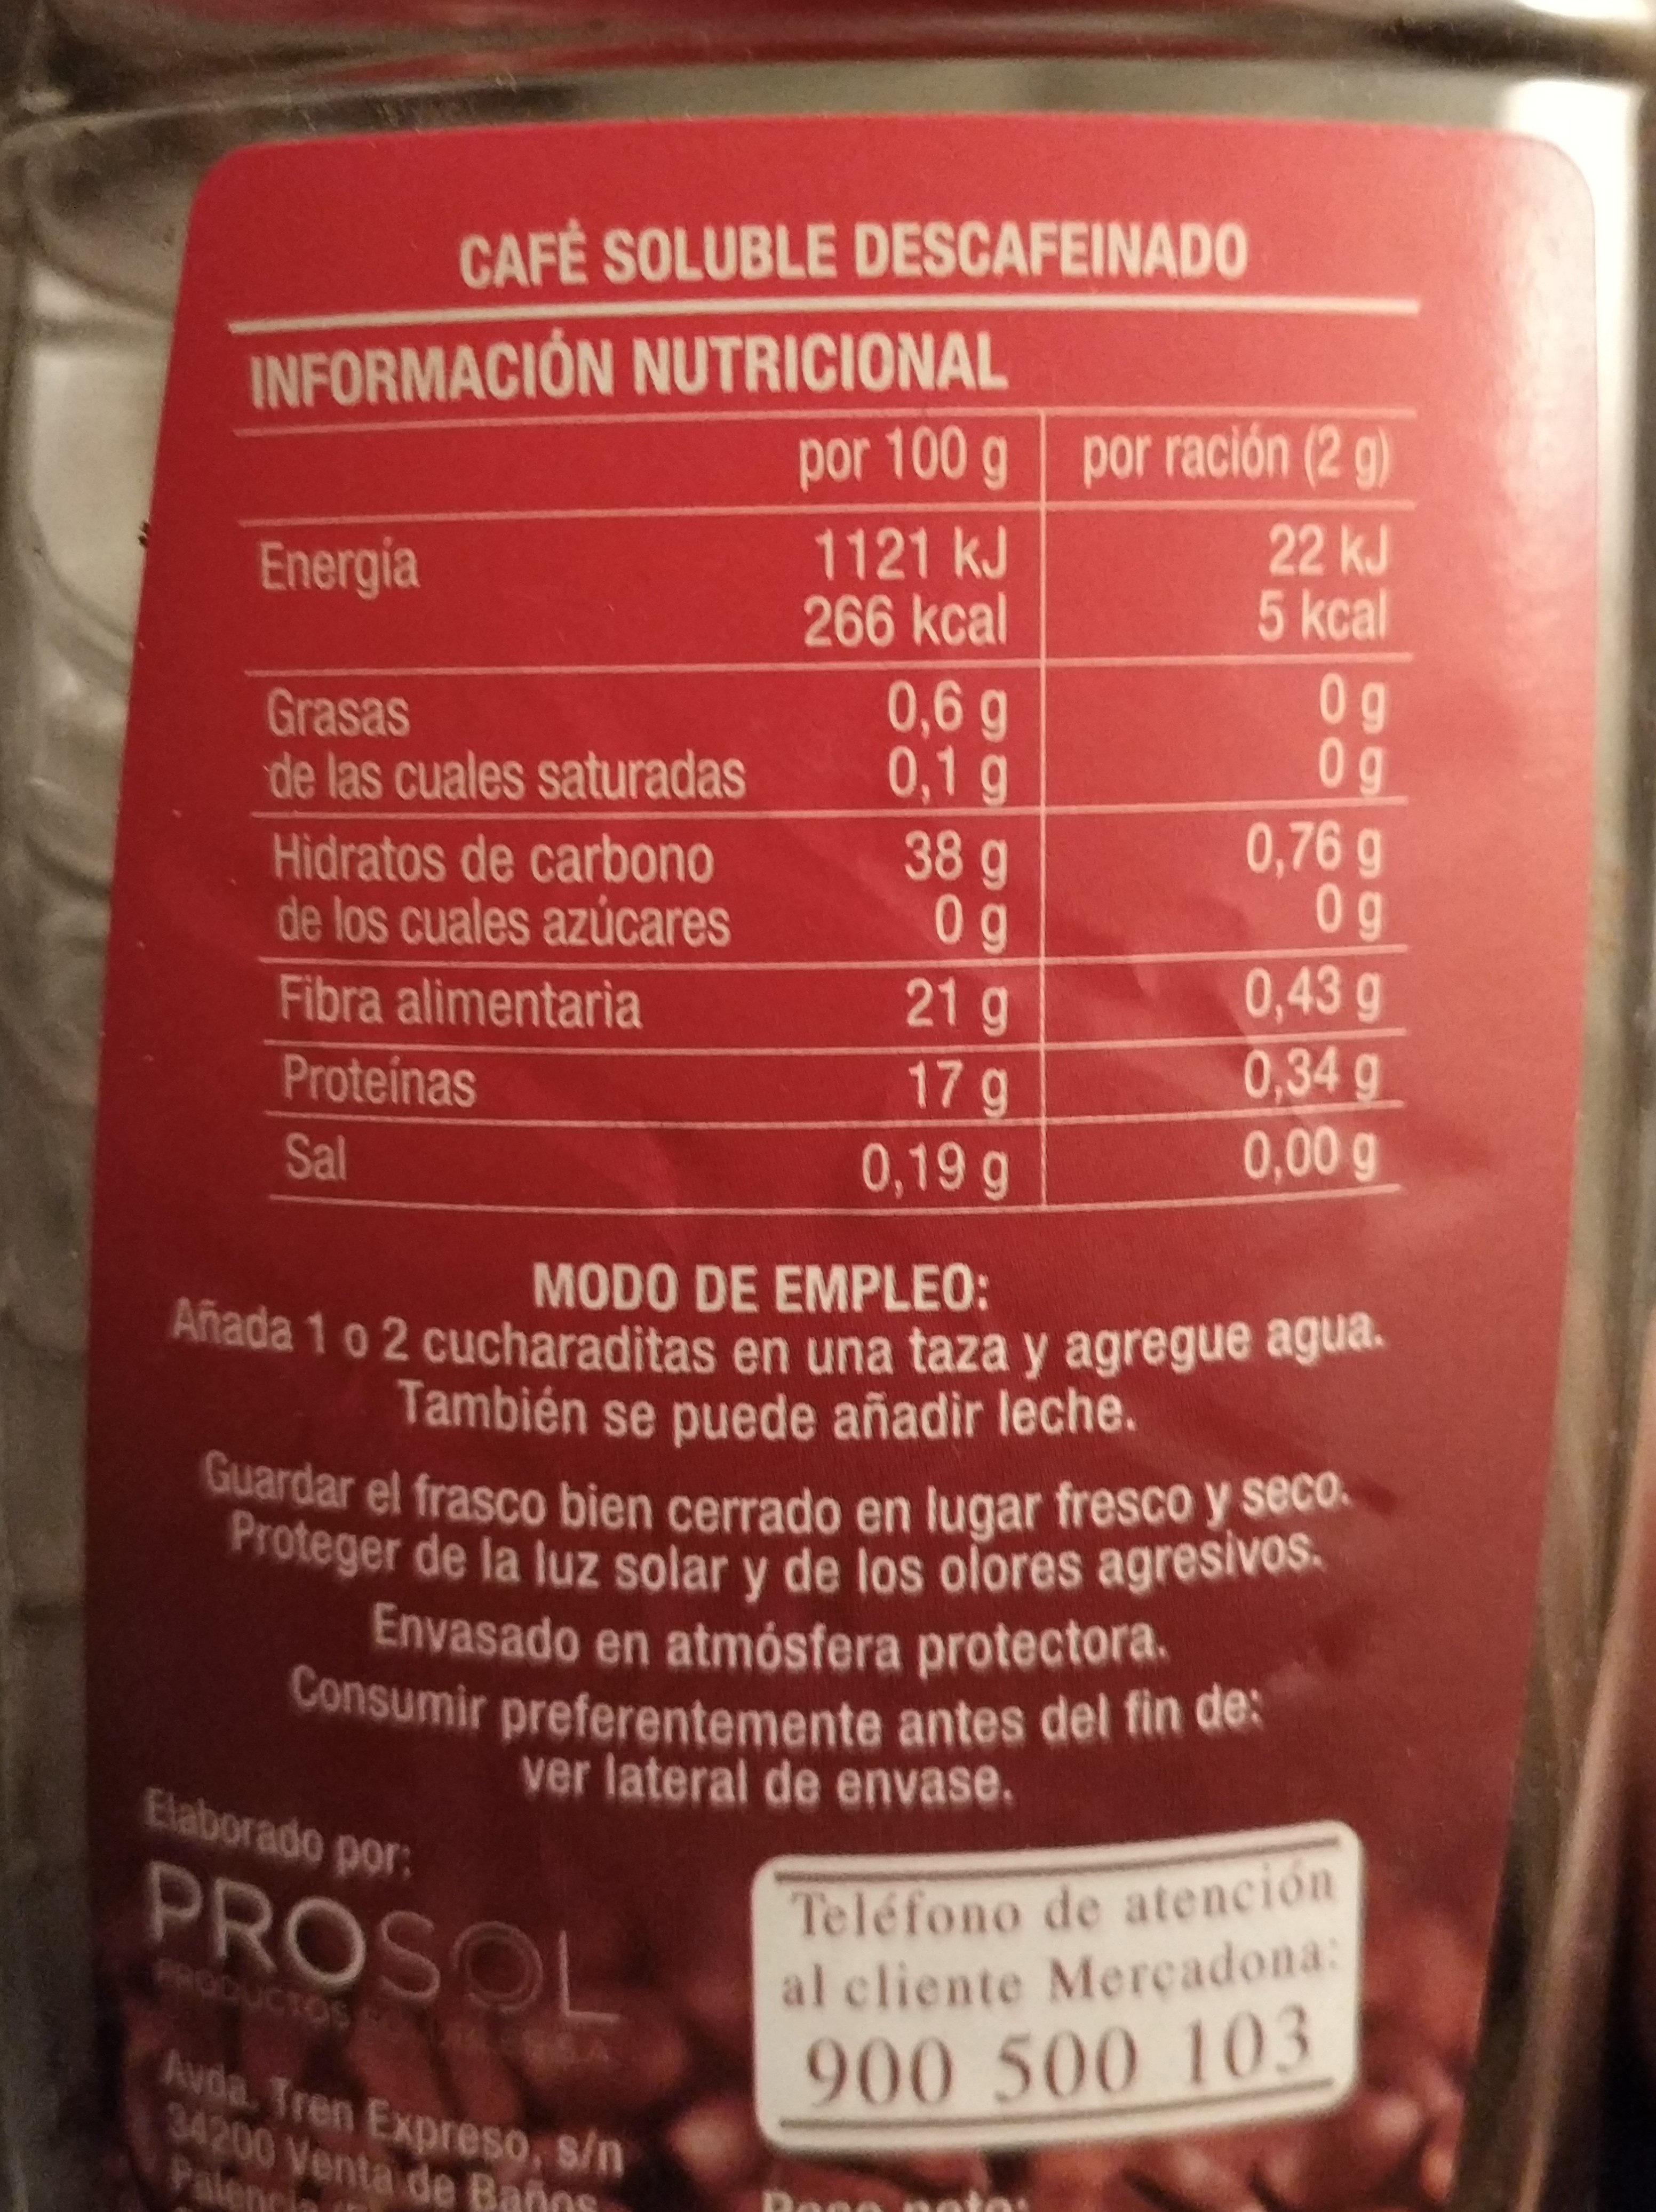 Café descafeinado soluble - Informations nutritionnelles